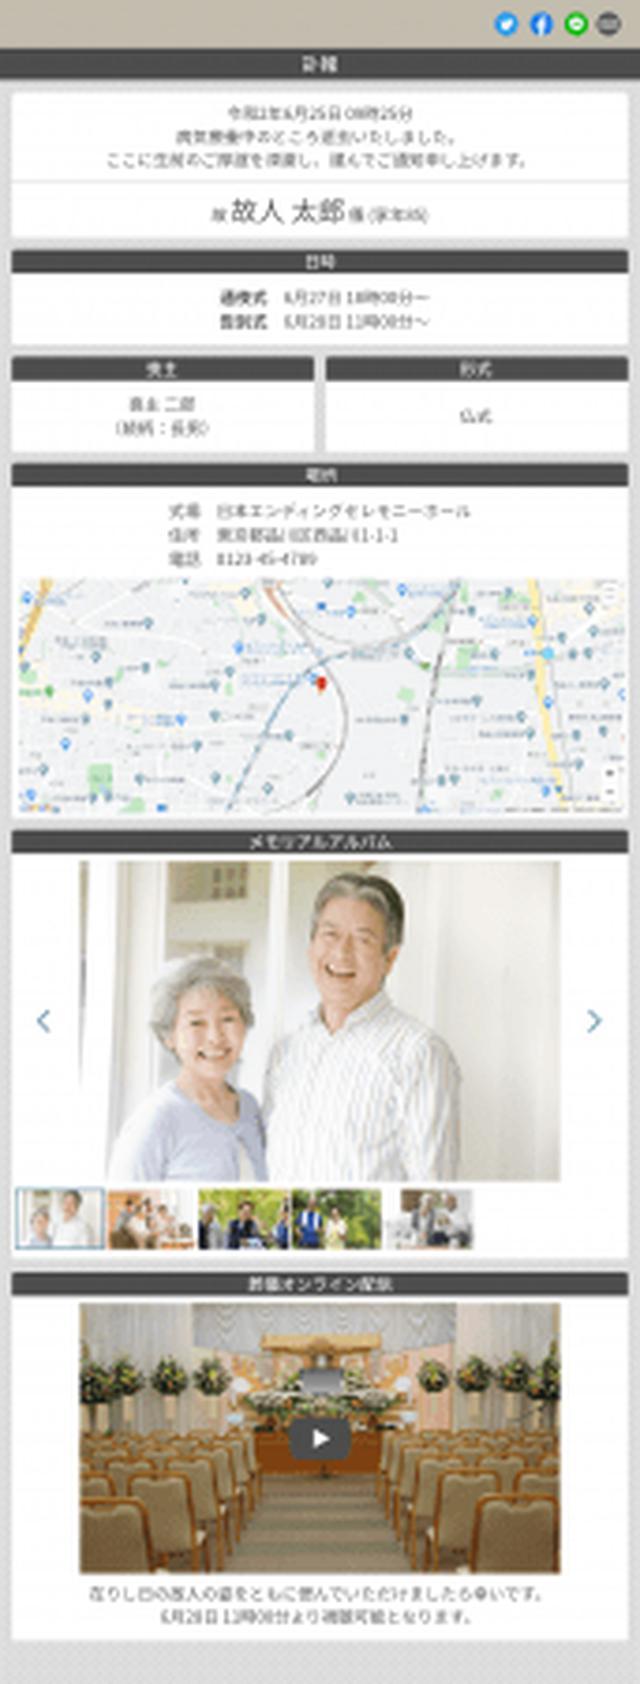 画像4: 新しい葬儀スタイルを支援する「オンライン訃報システム」を葬儀場検索サイト「葬儀屋さん」より無償提供開始/日本エンディングパートナーズ株式会社